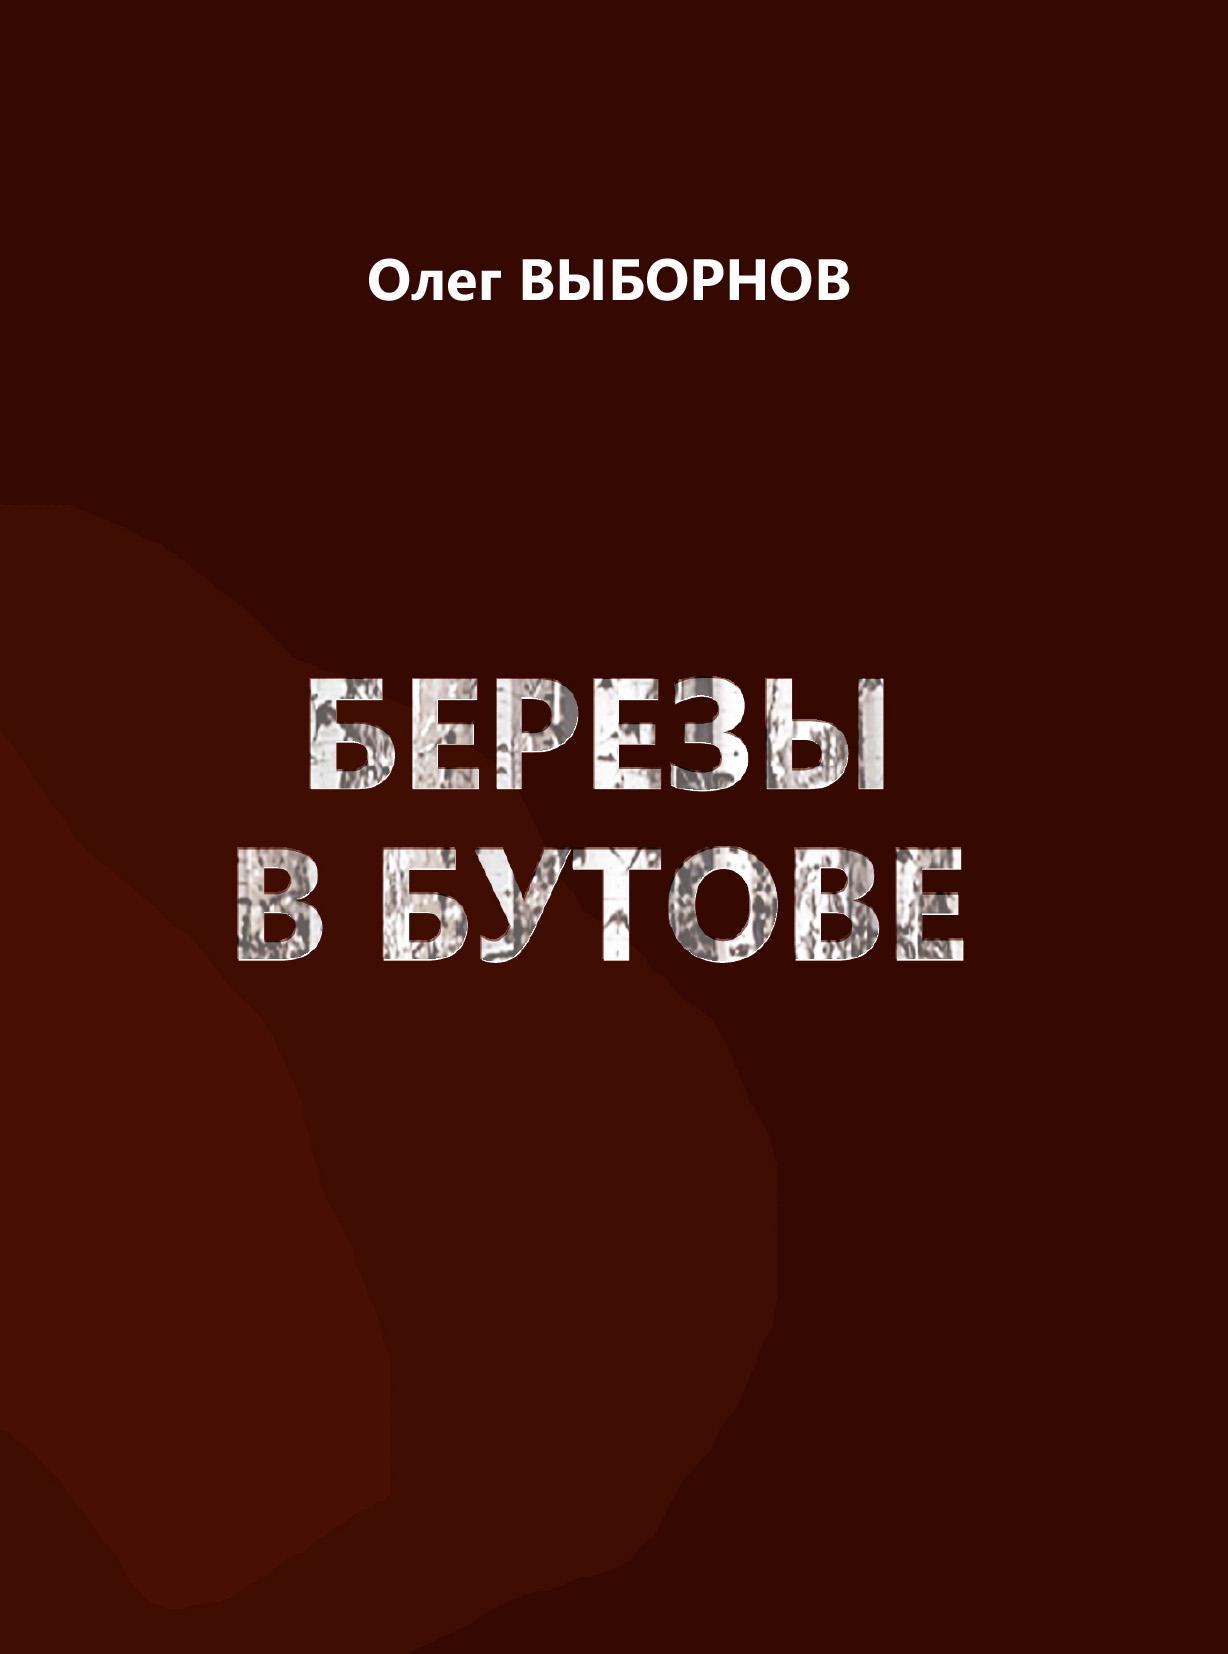 Олег Выборнов Березы в Бутове (сборник)